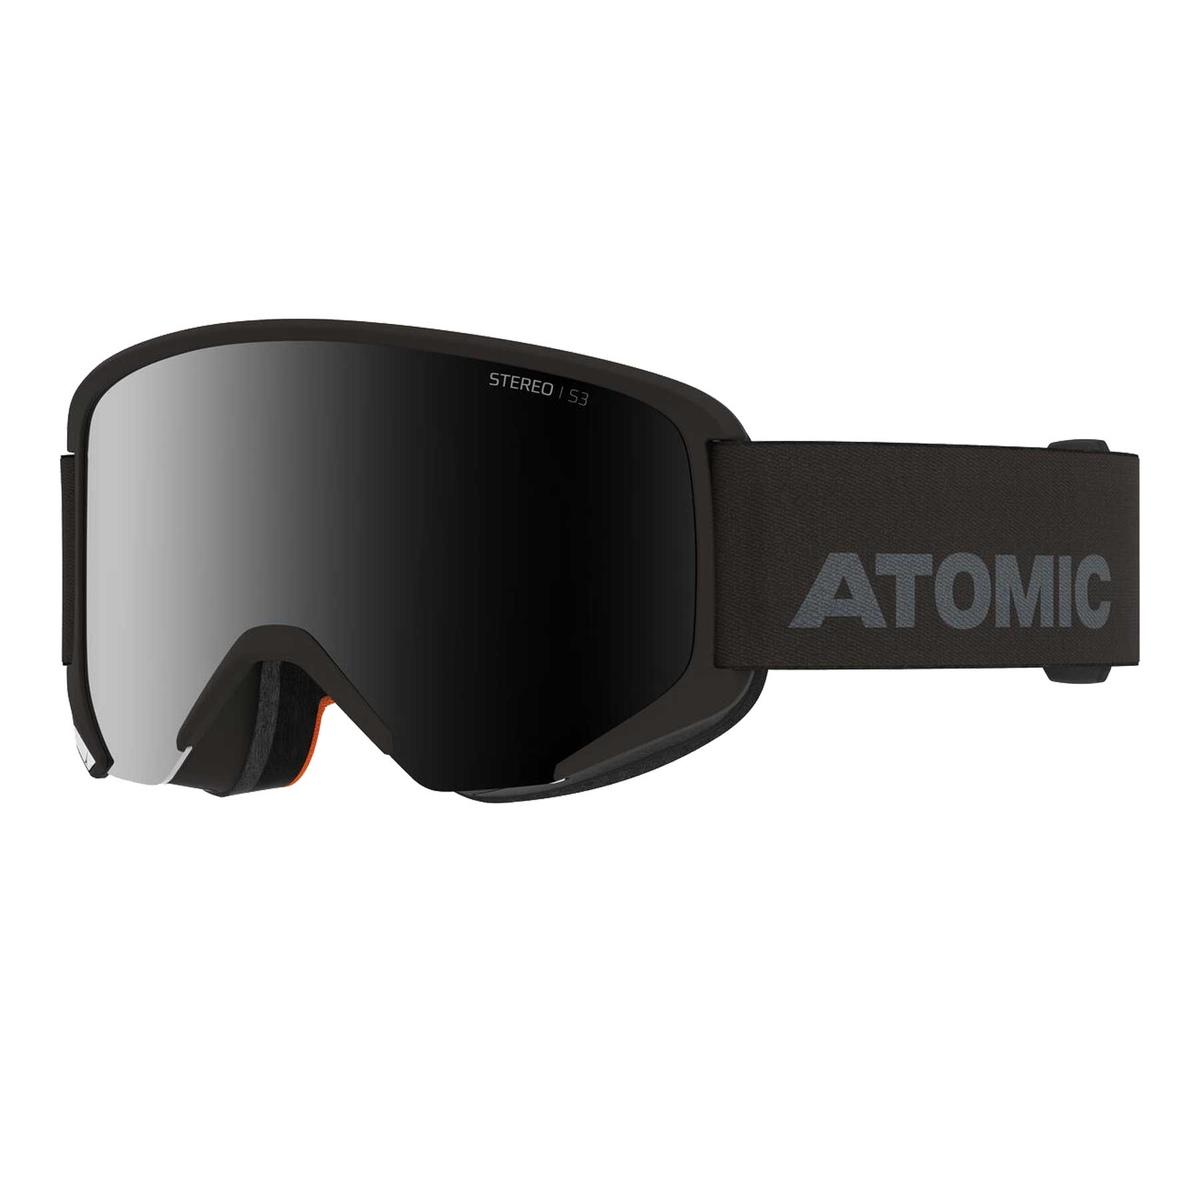 Prezzi Atomic maschera savor stereo otg